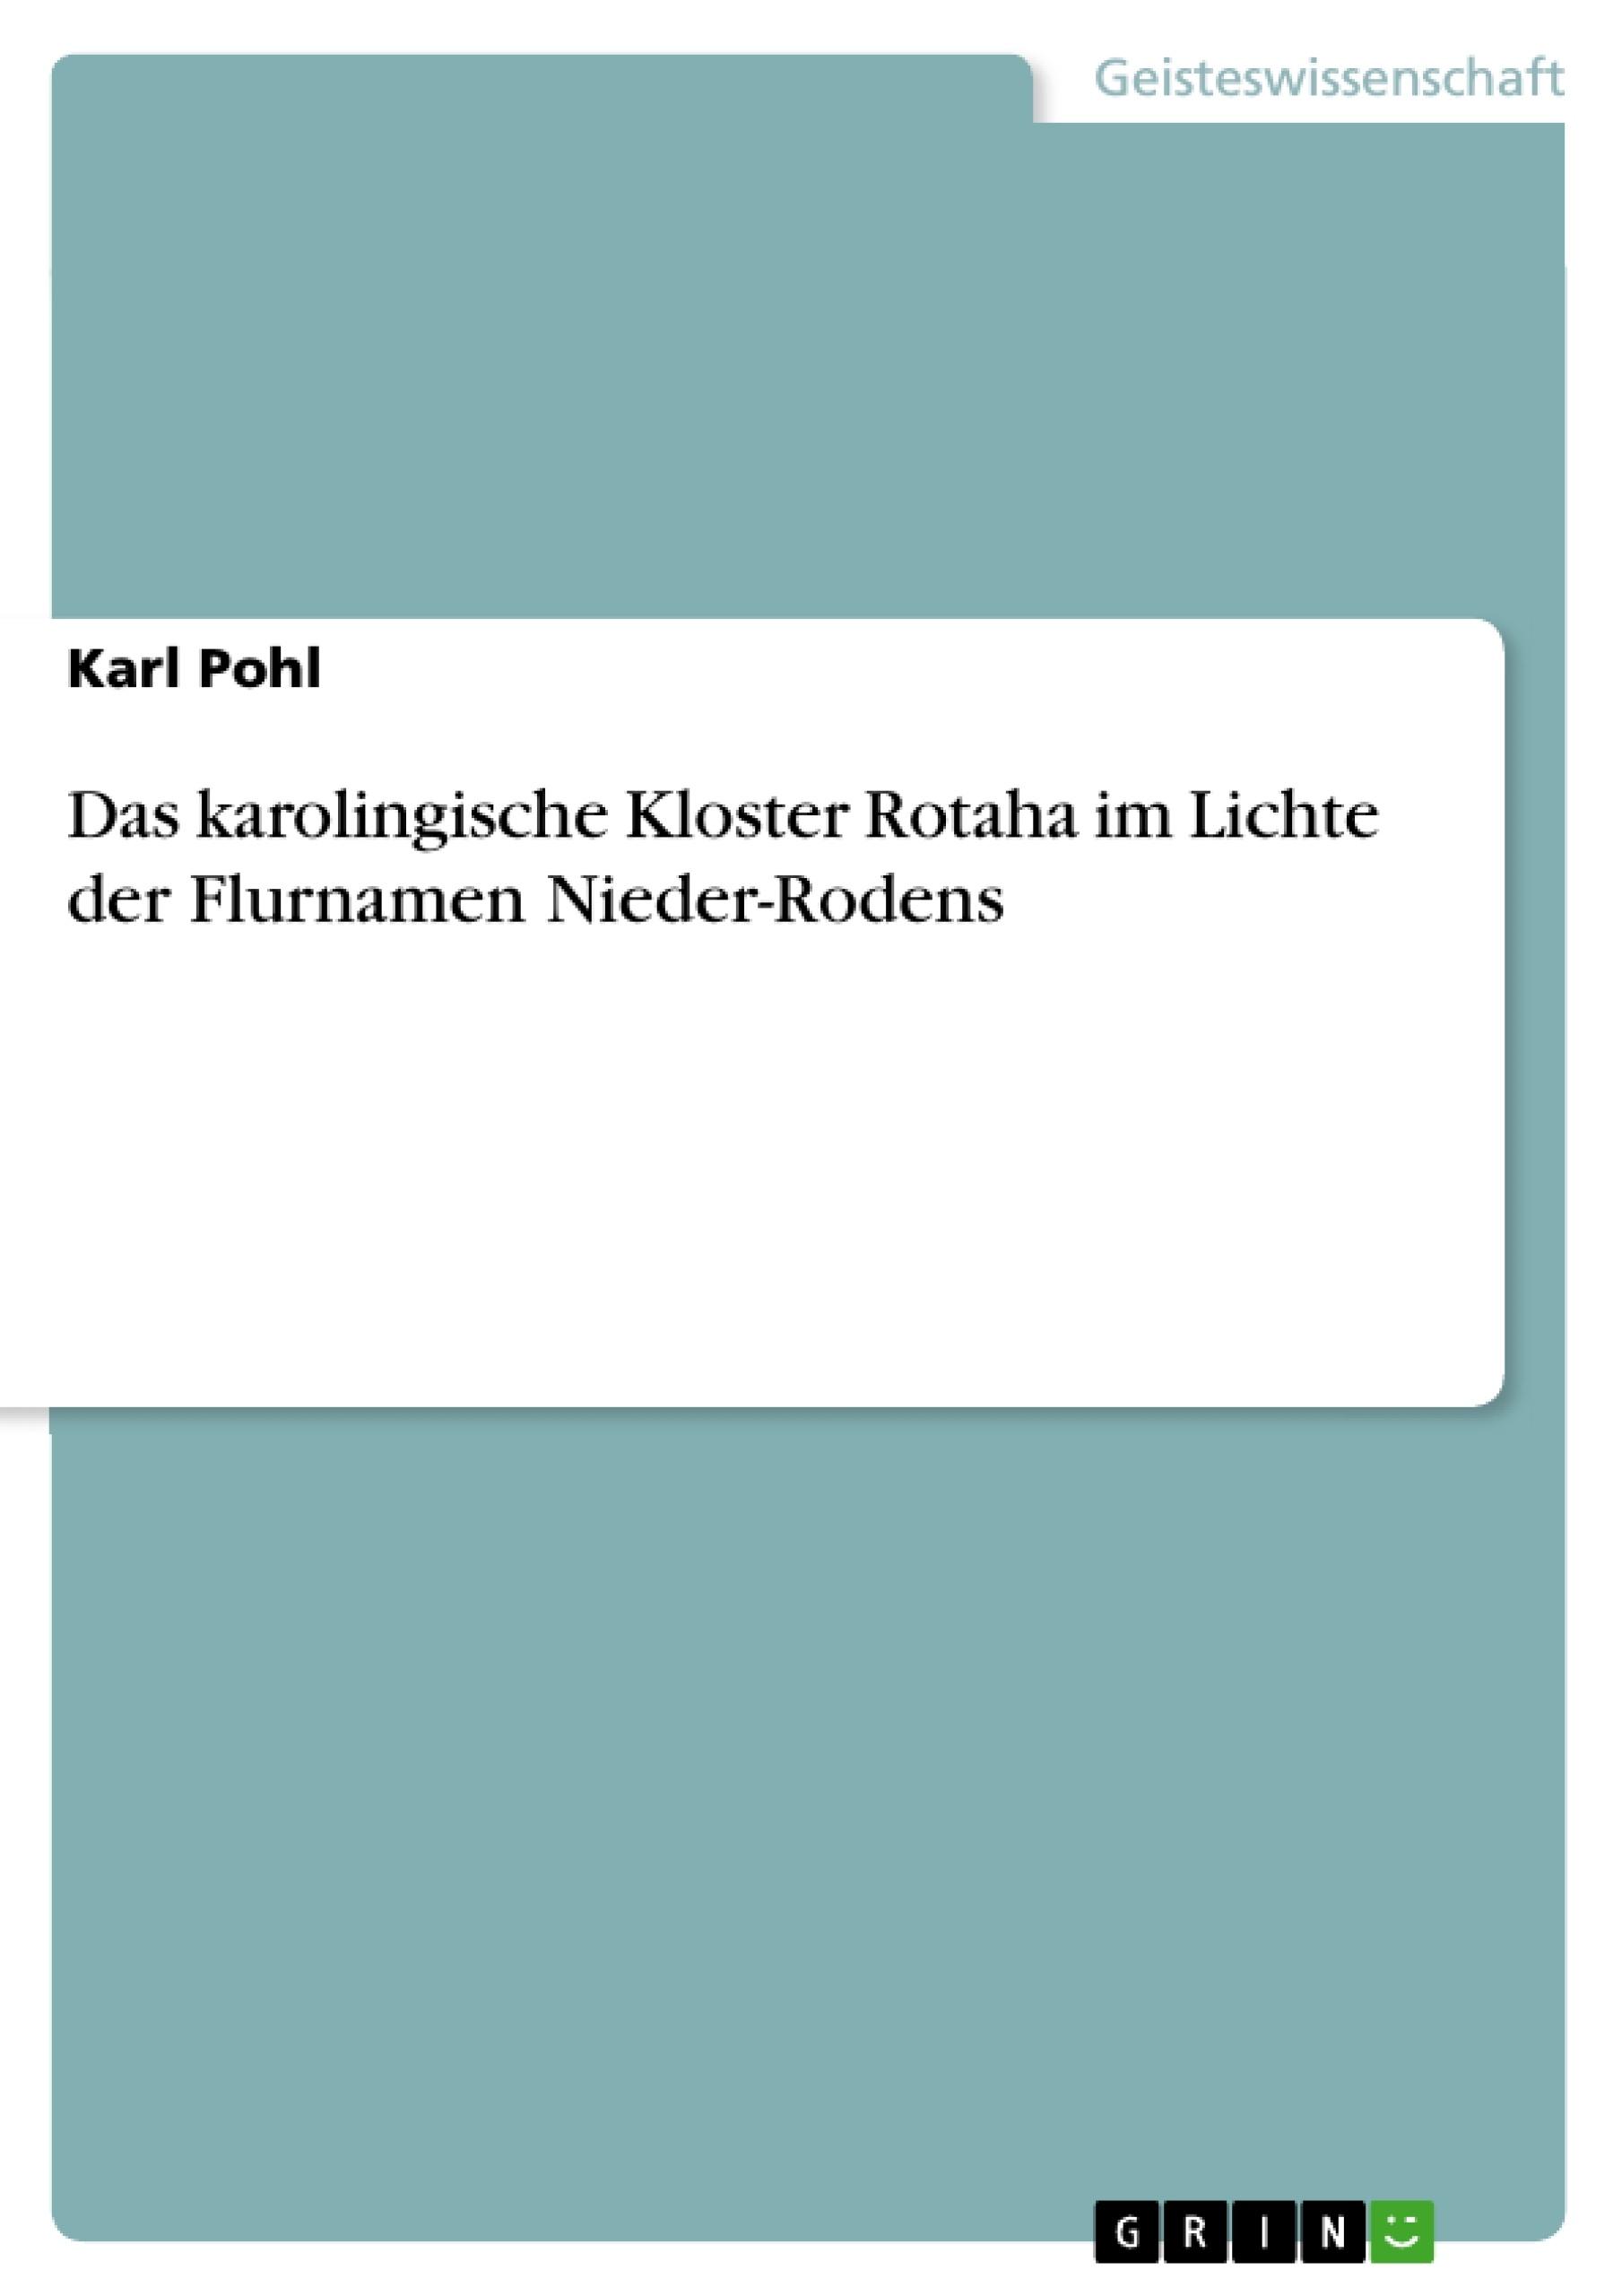 Titel: Das karolingische Kloster Rotaha im Lichte der Flurnamen Nieder-Rodens